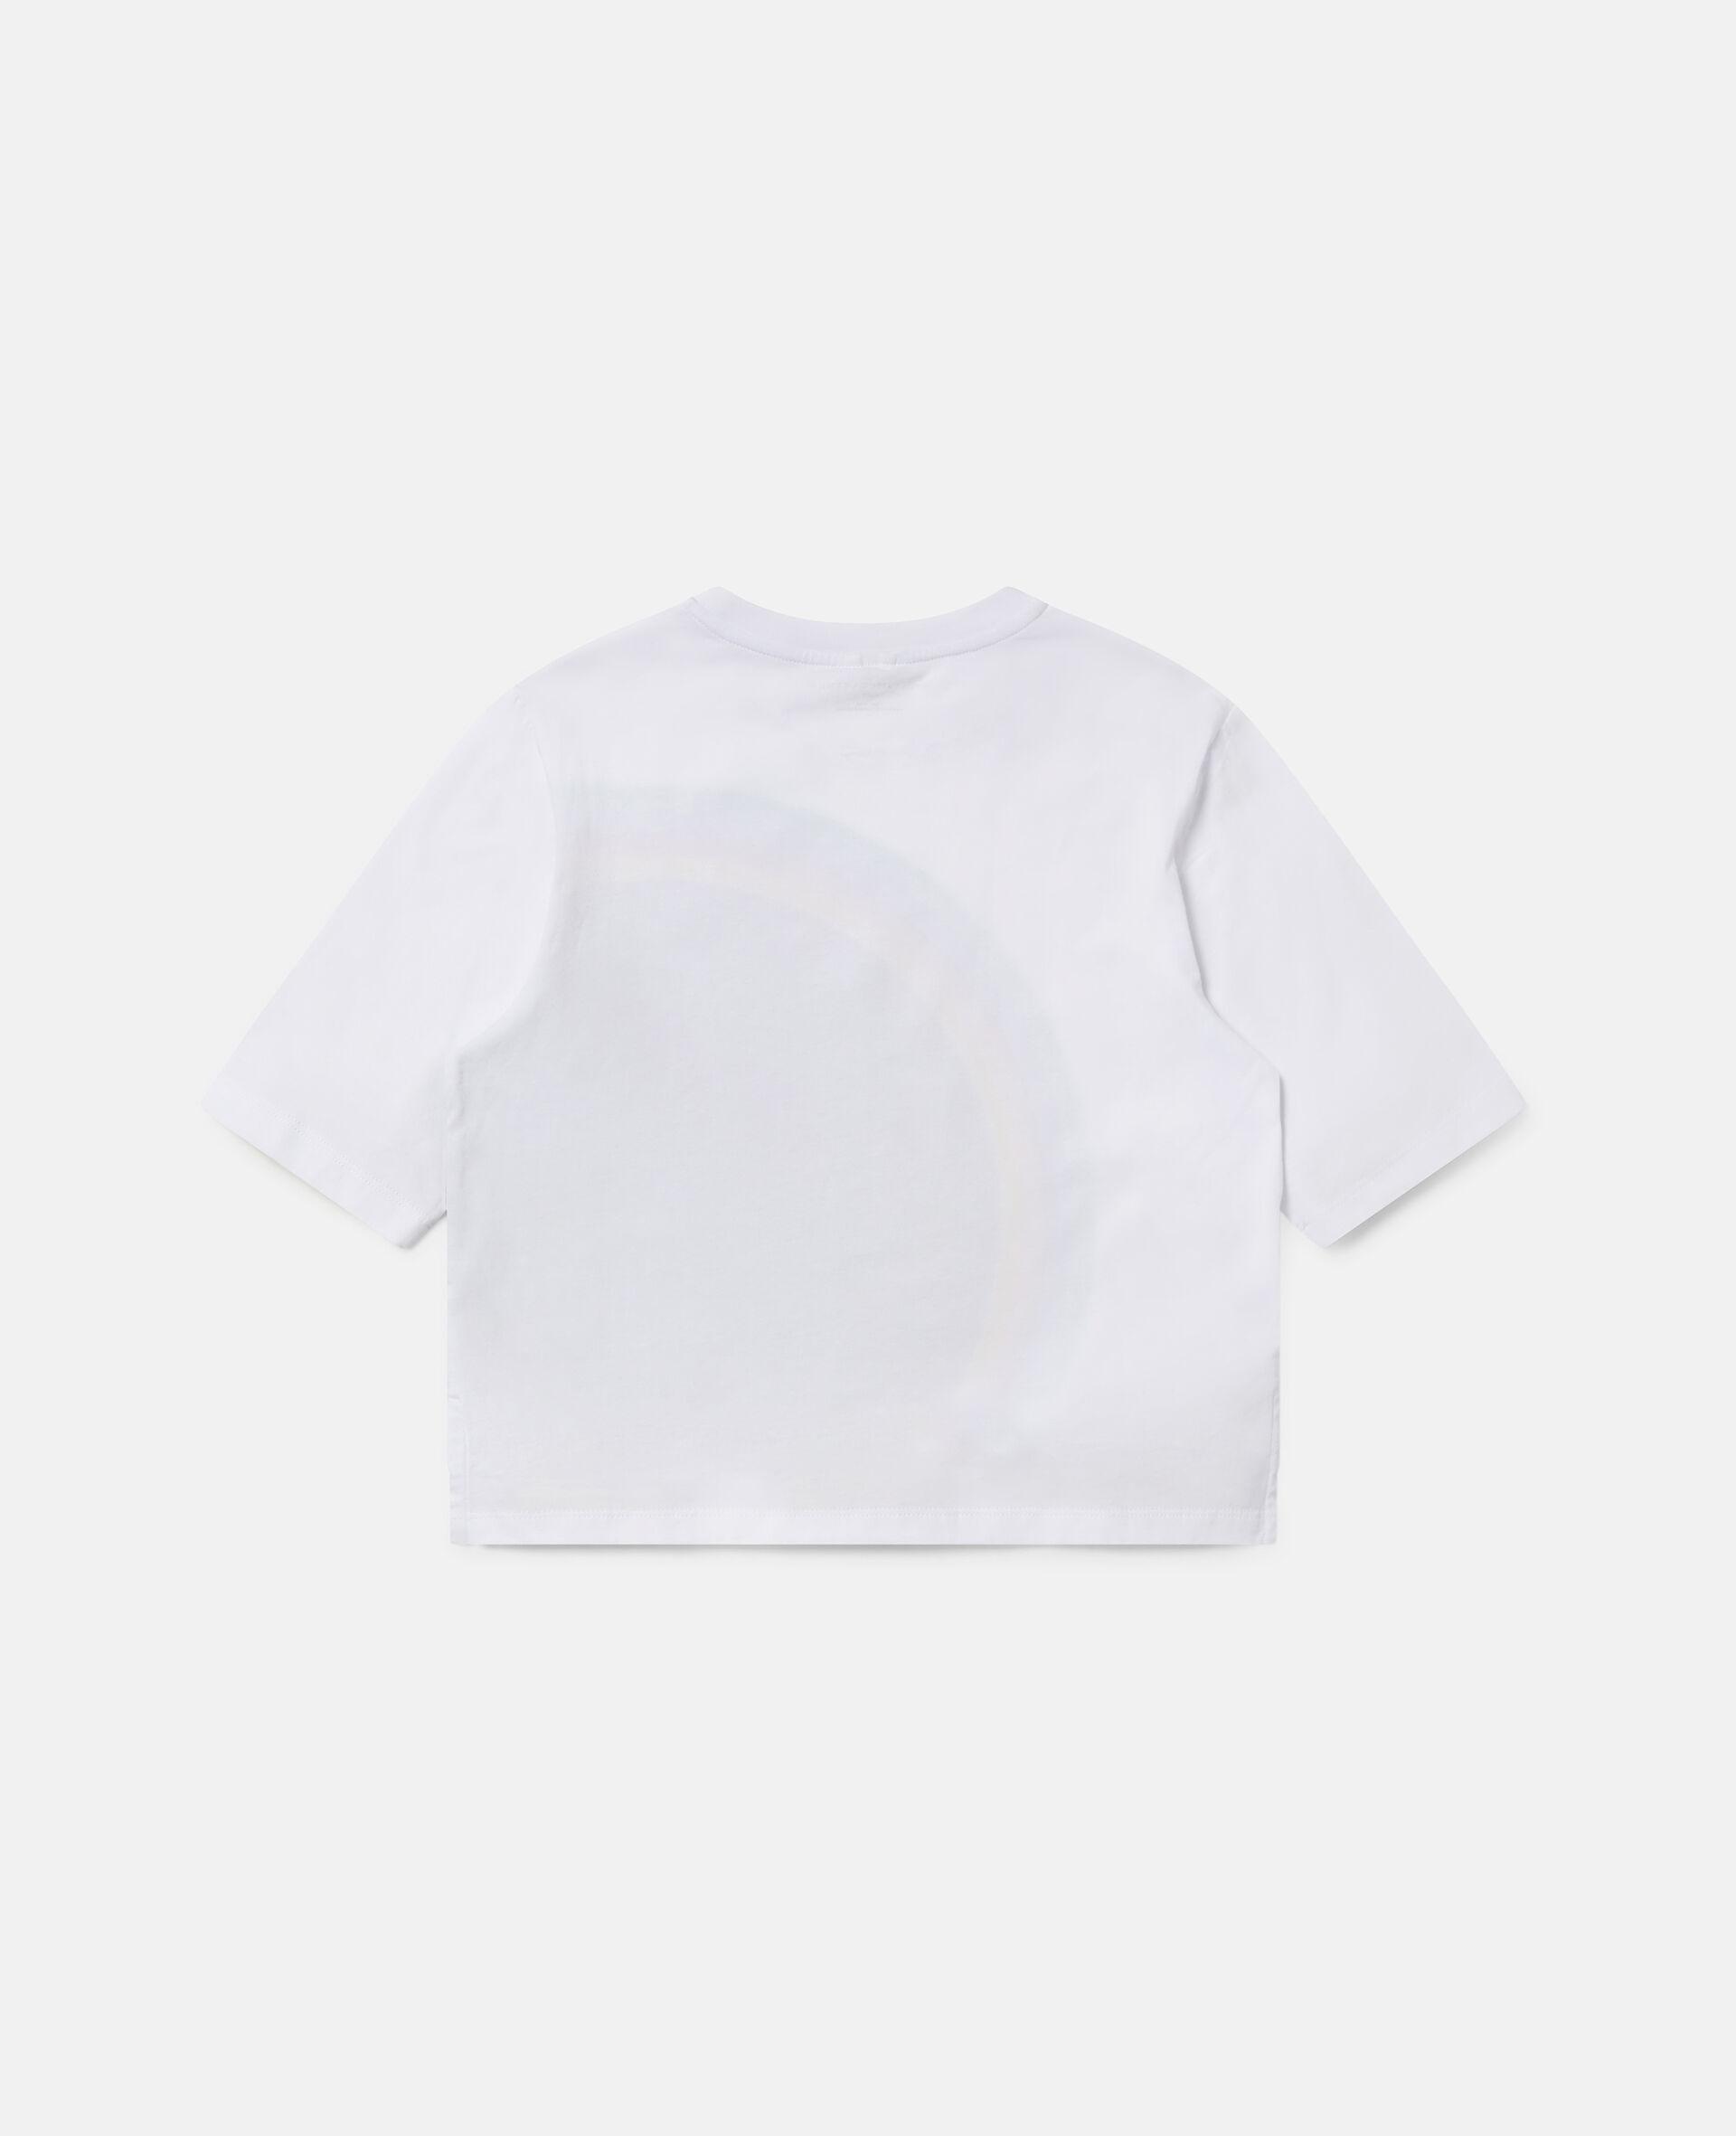 Stripy Logo Oversize Sports T-shirt -White-large image number 3